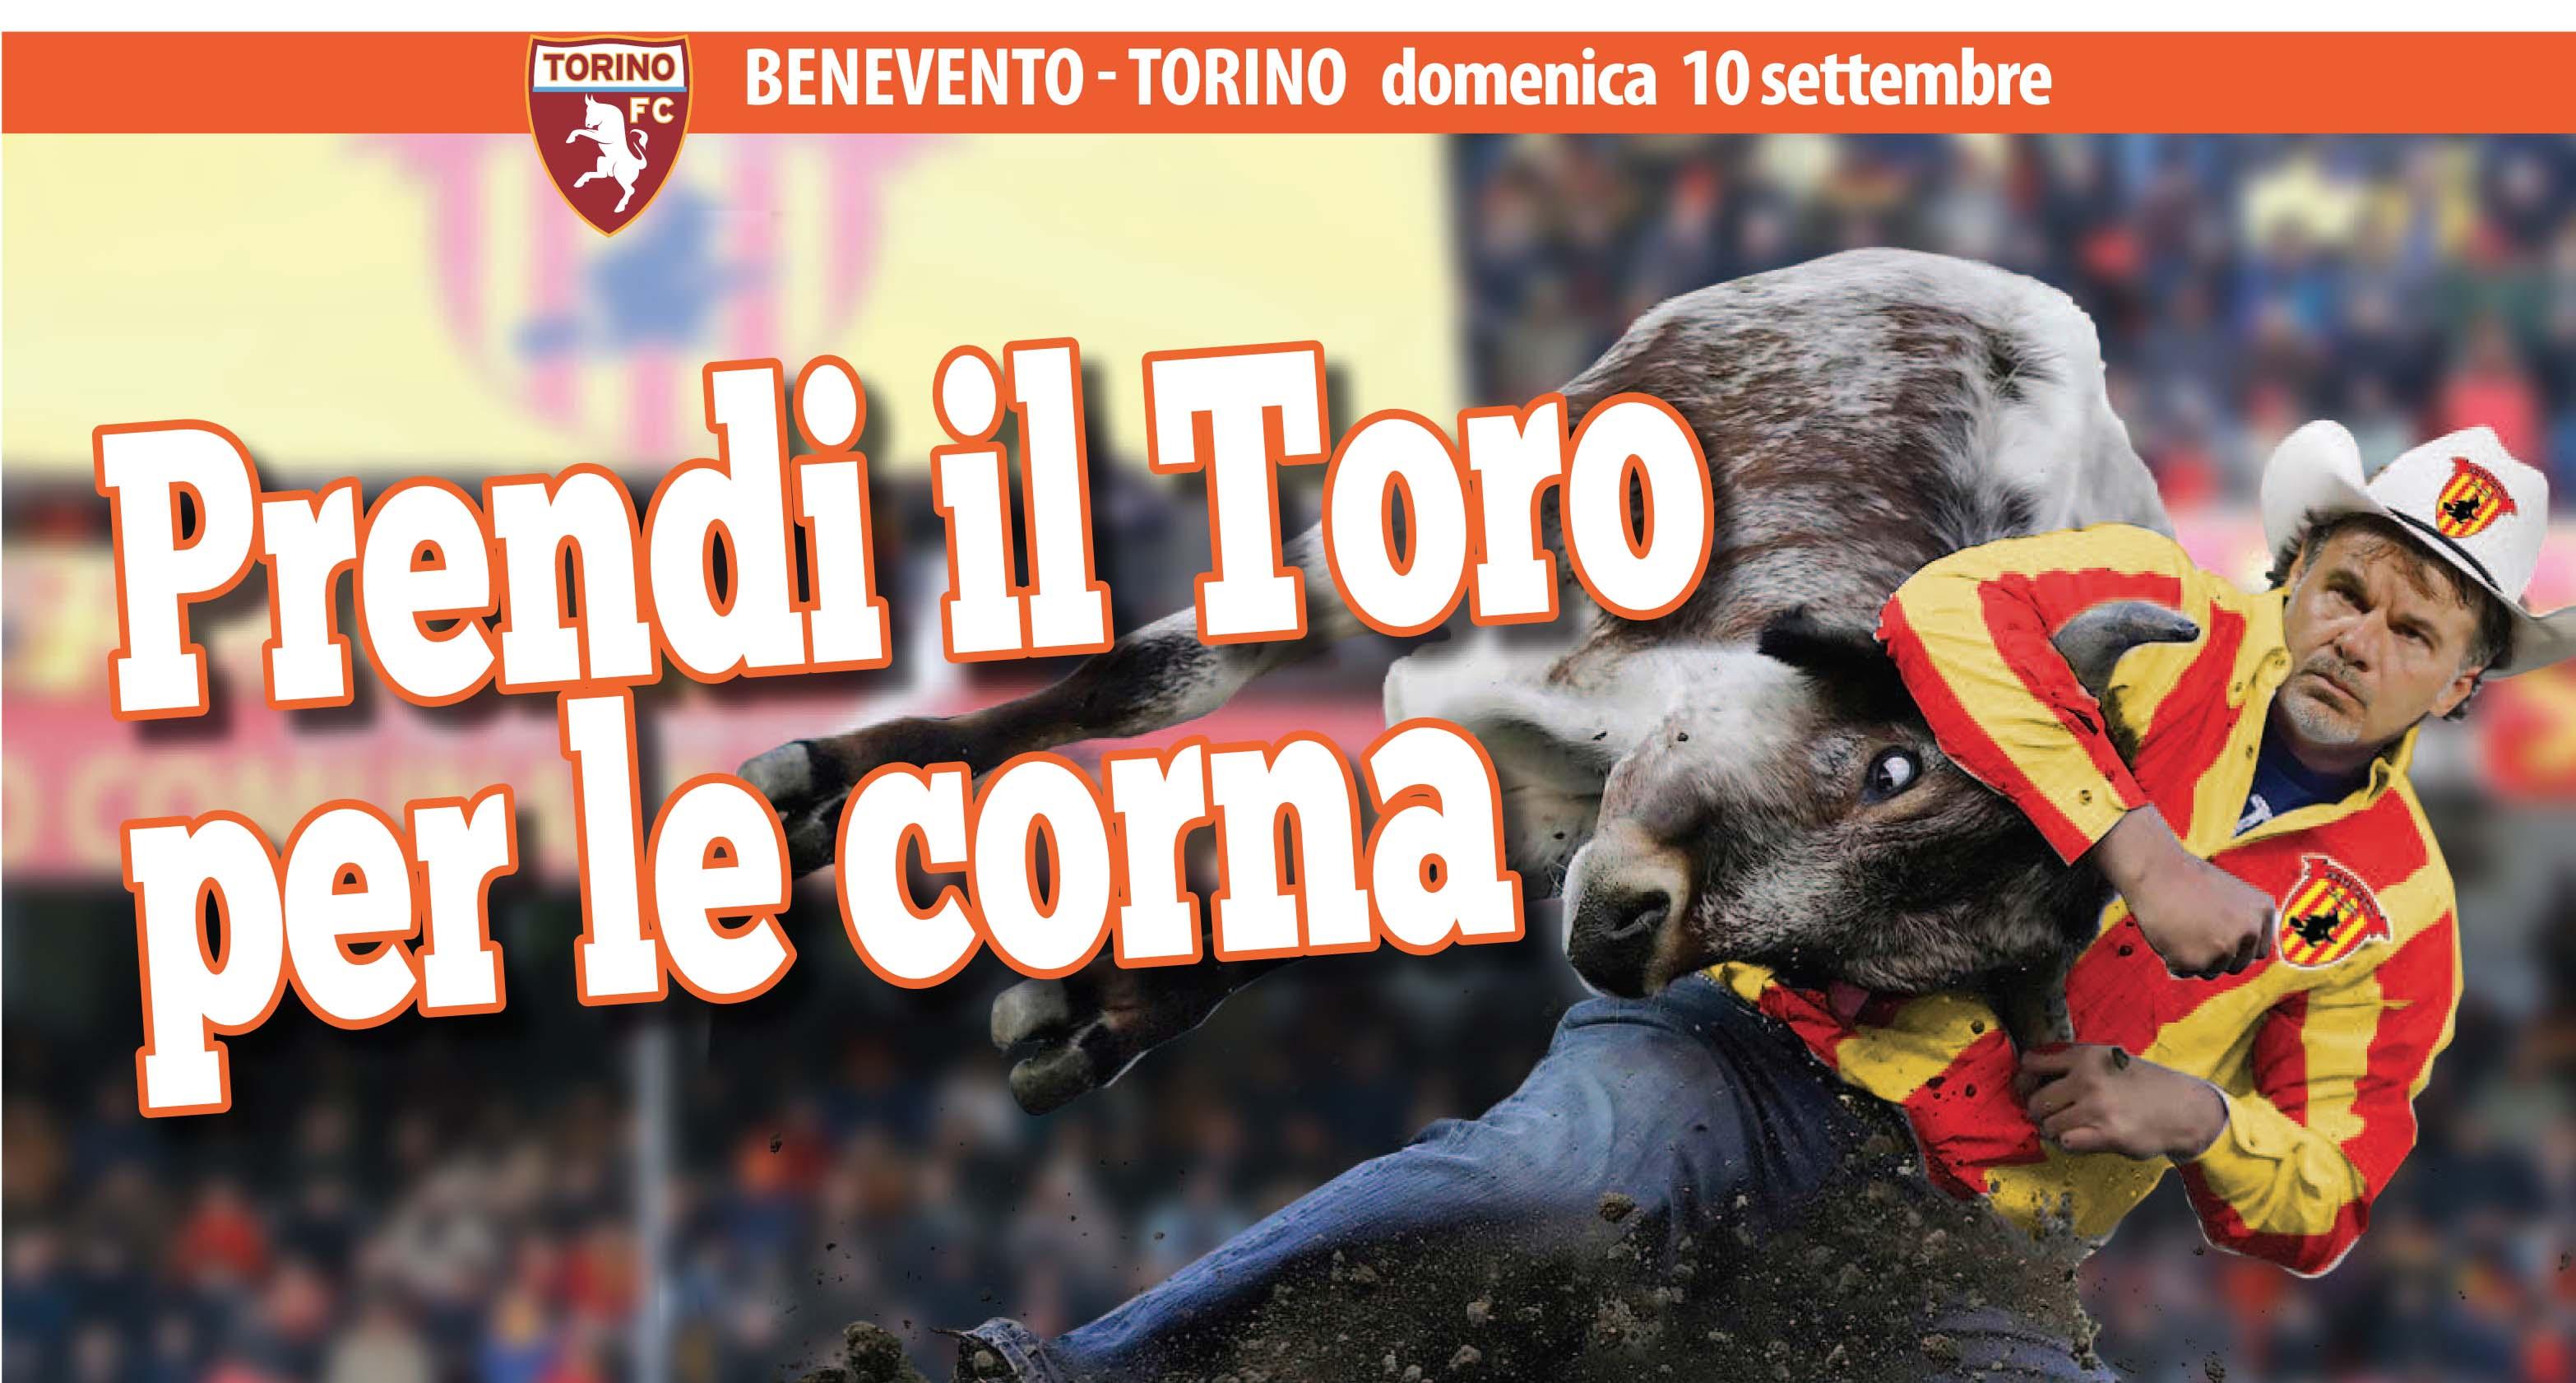 Prendi il Toro per le corna